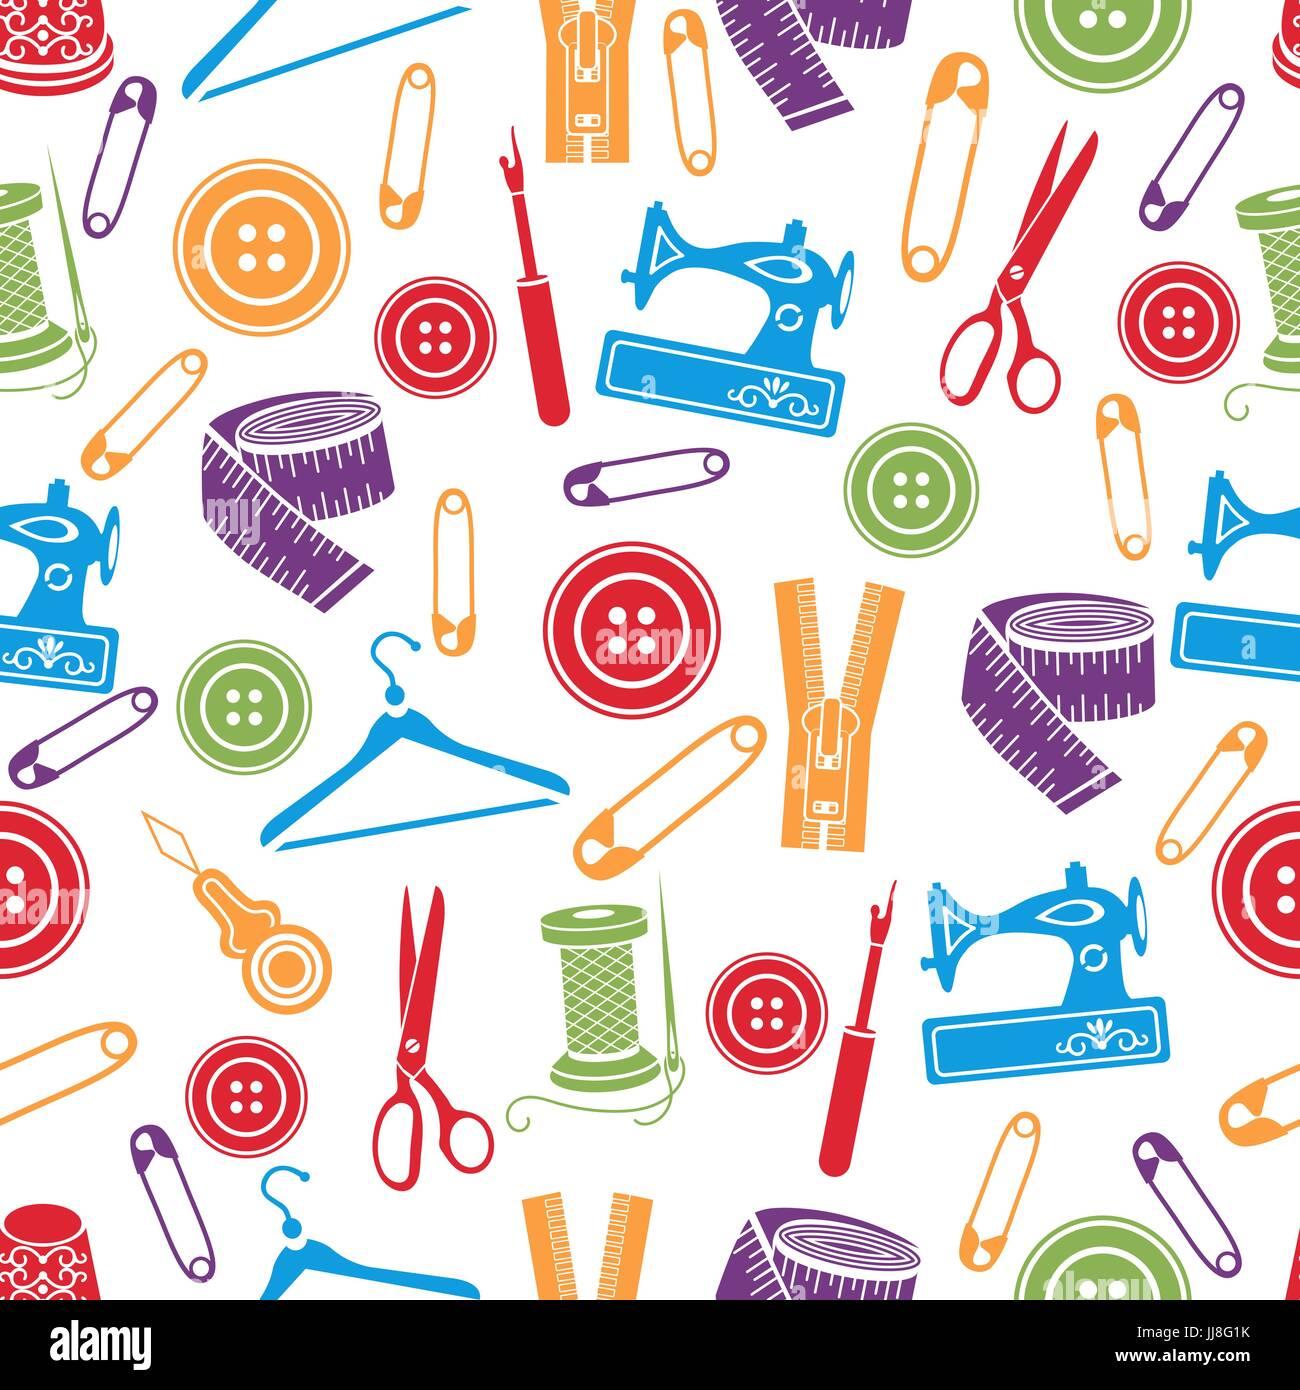 Needle And Thread Icon Imágenes De Stock & Needle And Thread Icon ...